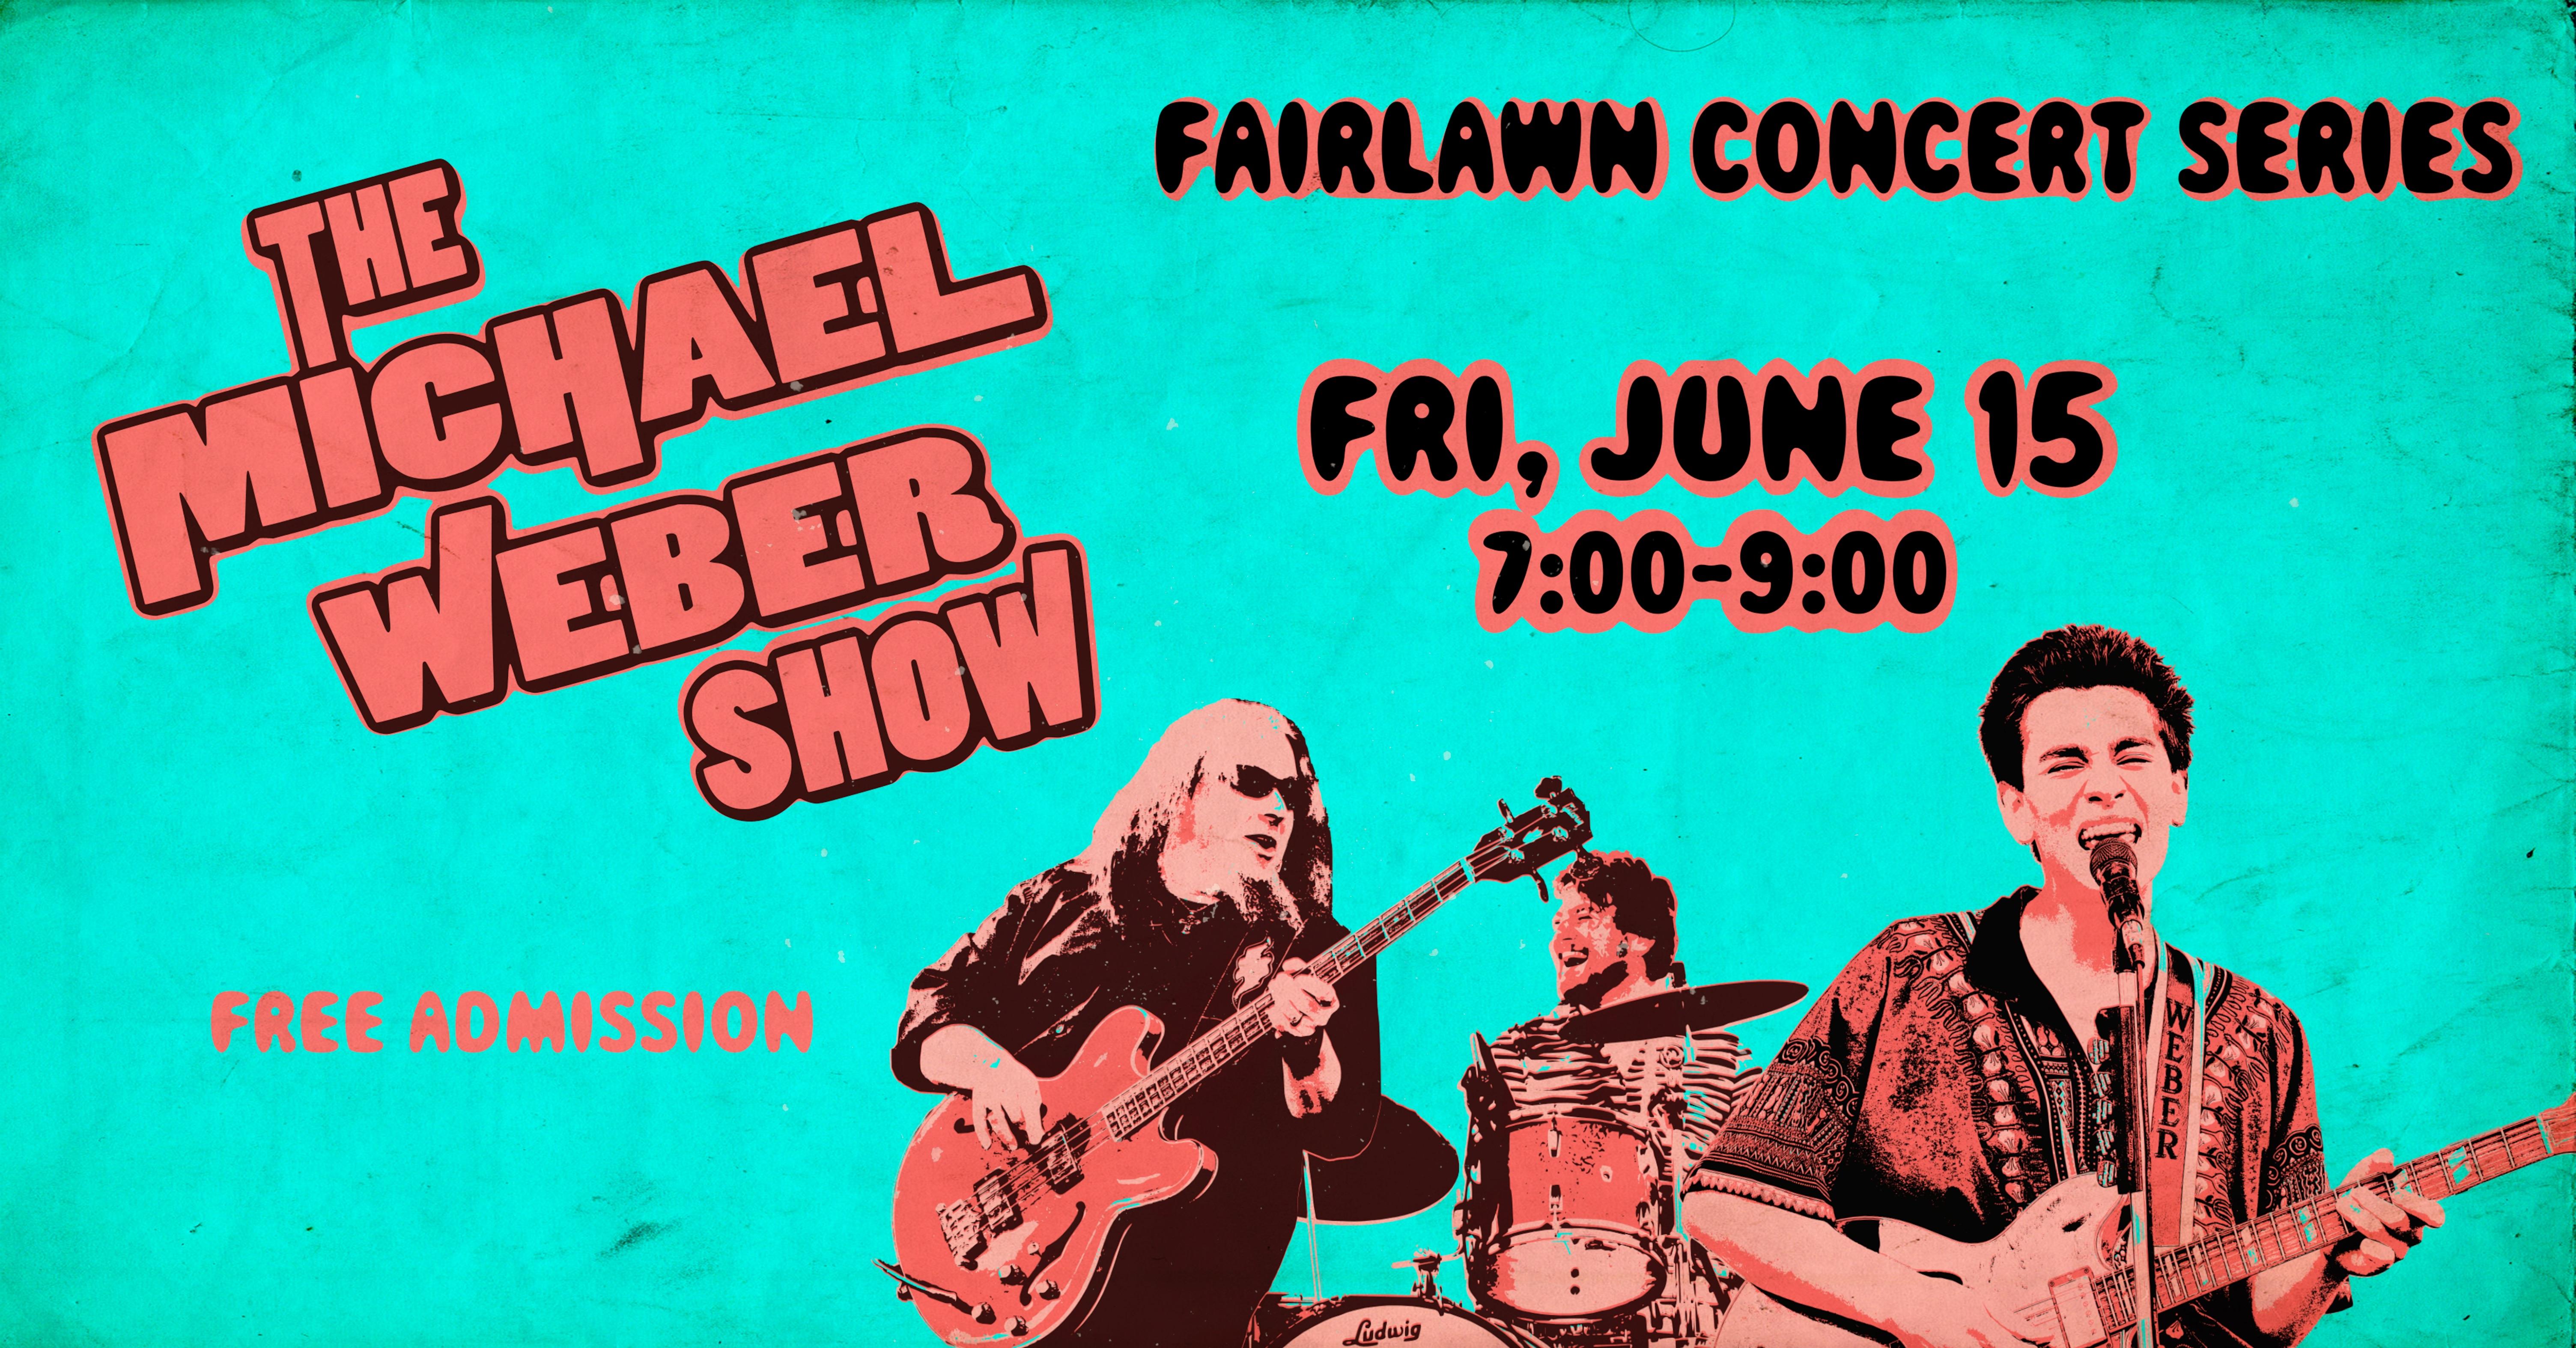 @ Fairlawn Concert Series